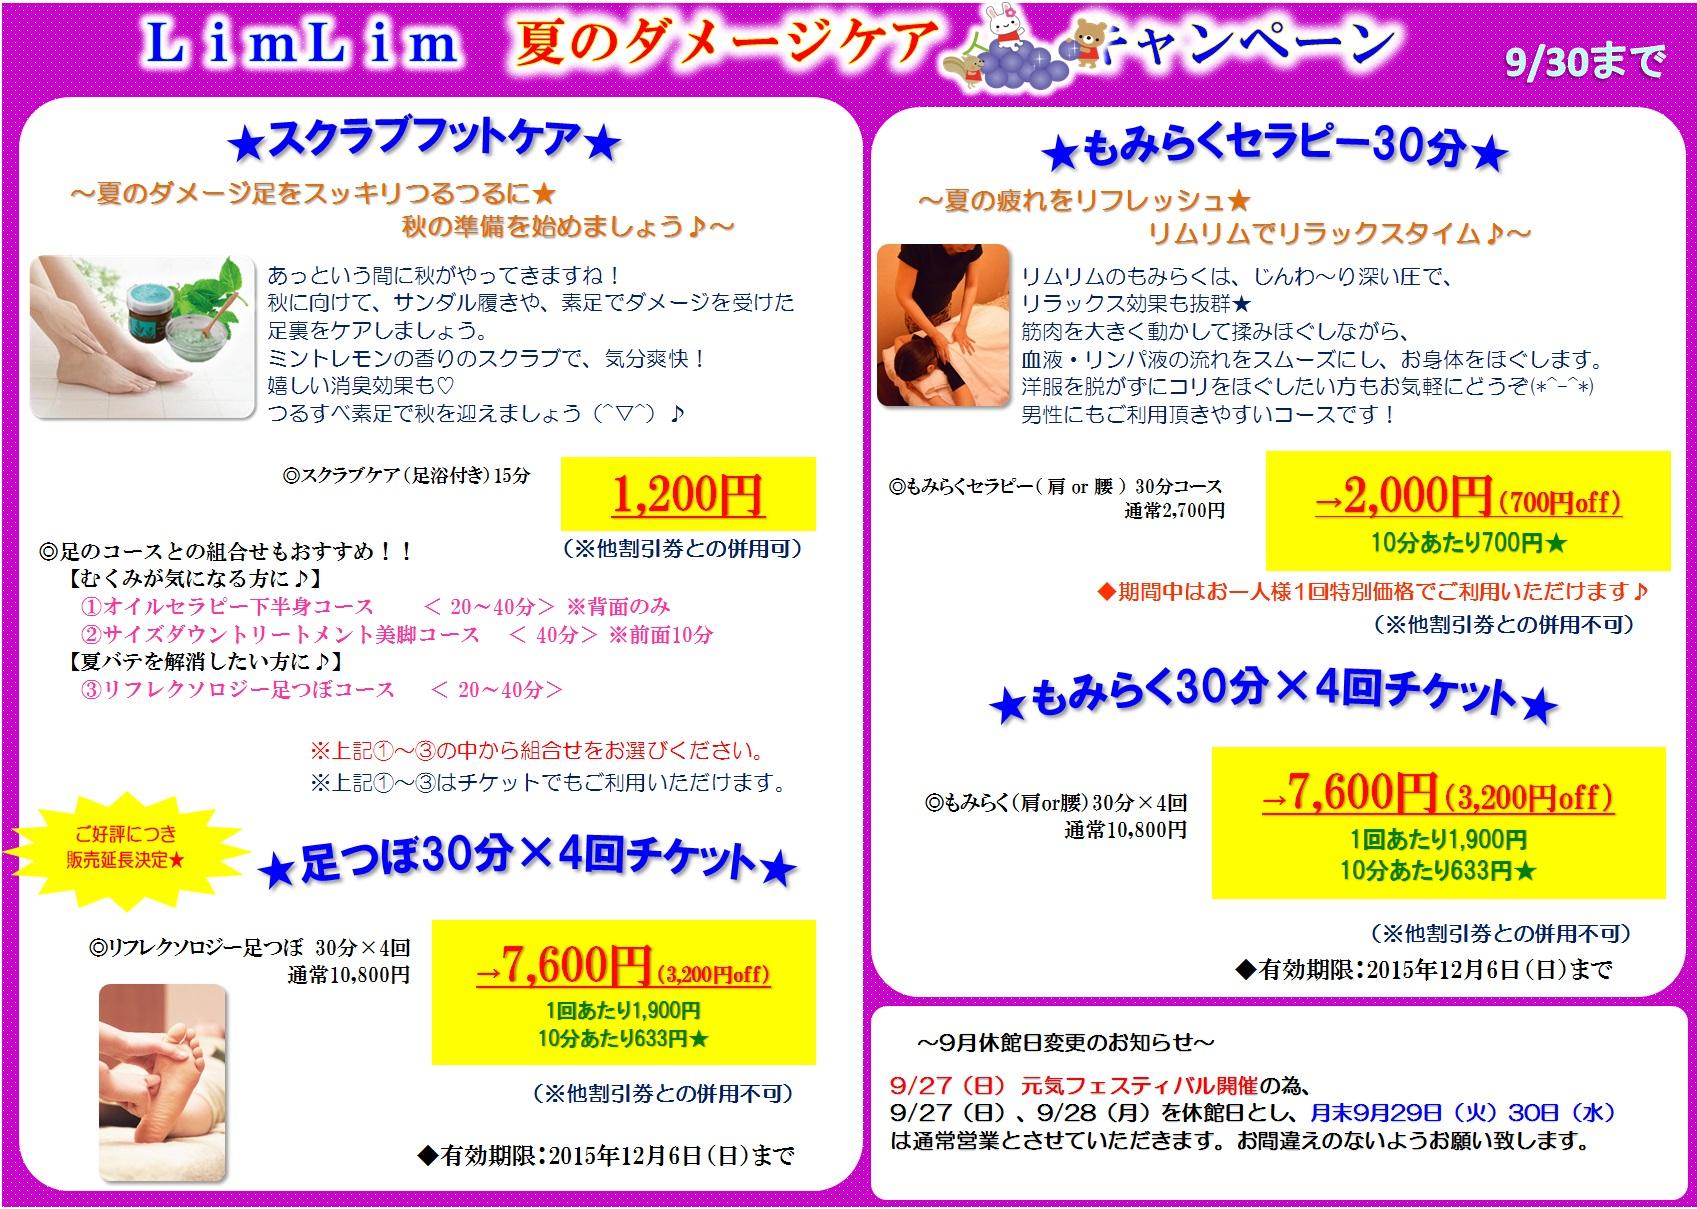 ★9月のリムリムキャンペーン★